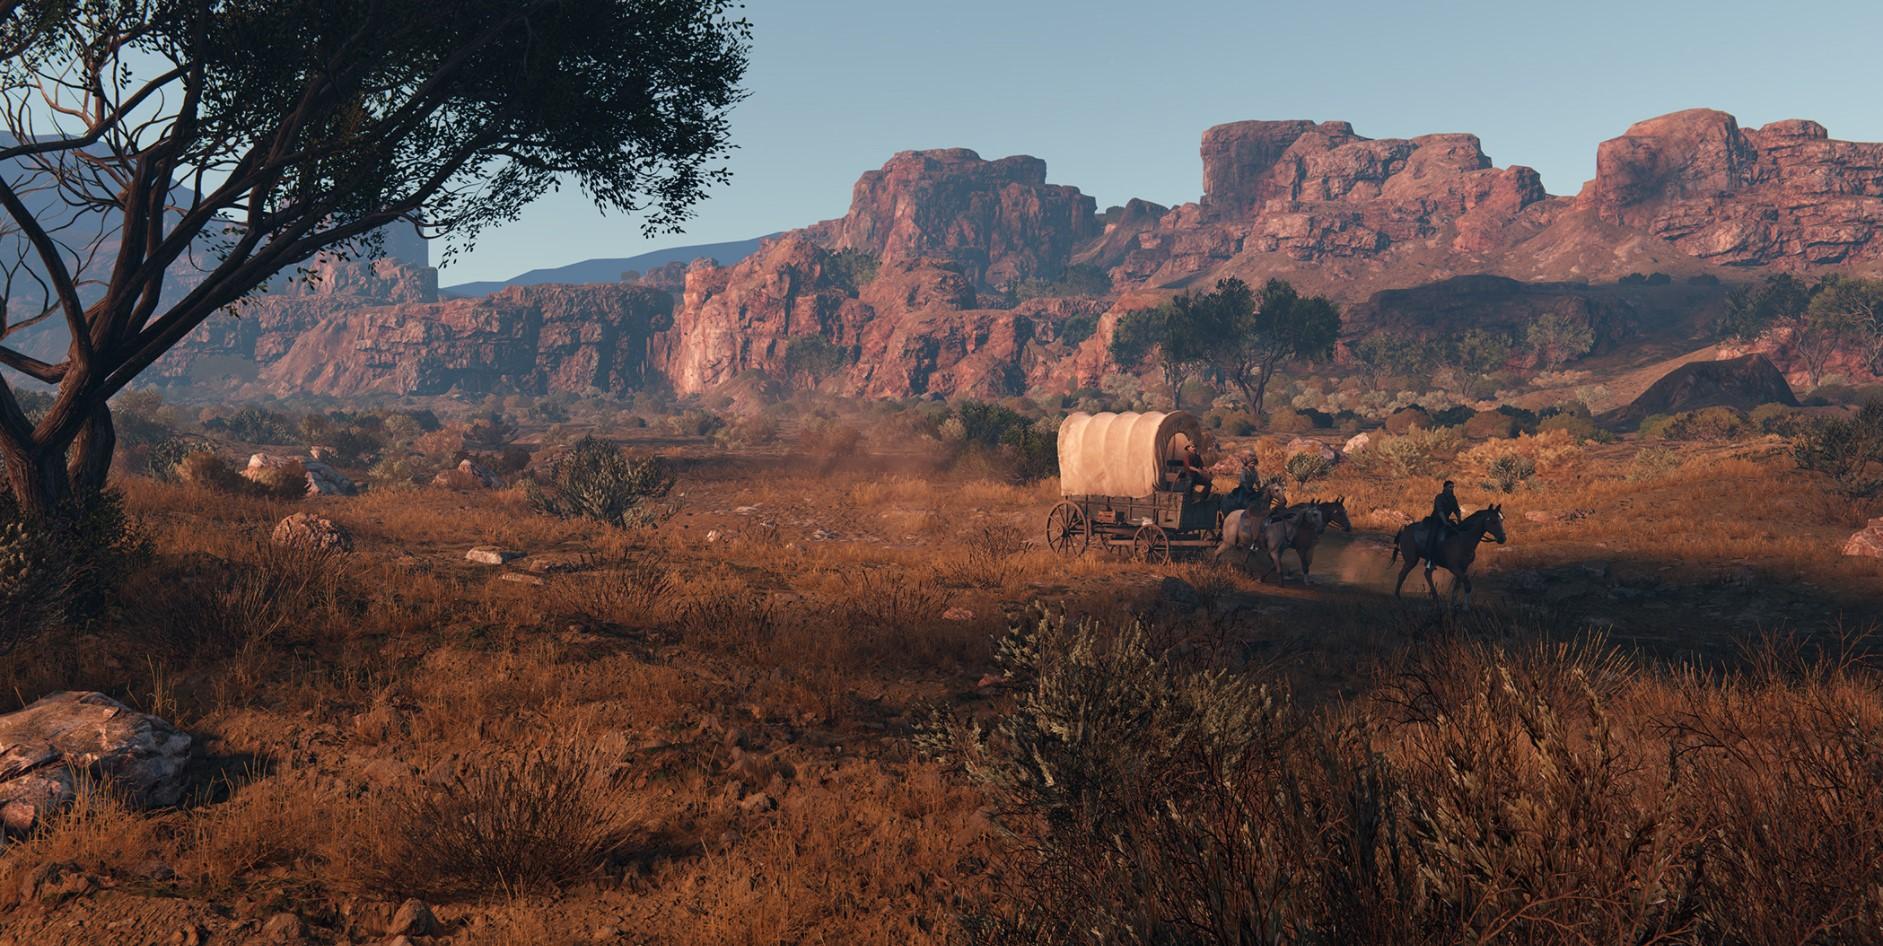 RDR yokluğunda PC'de oynanabilecek yeni Western oyunu geliyor